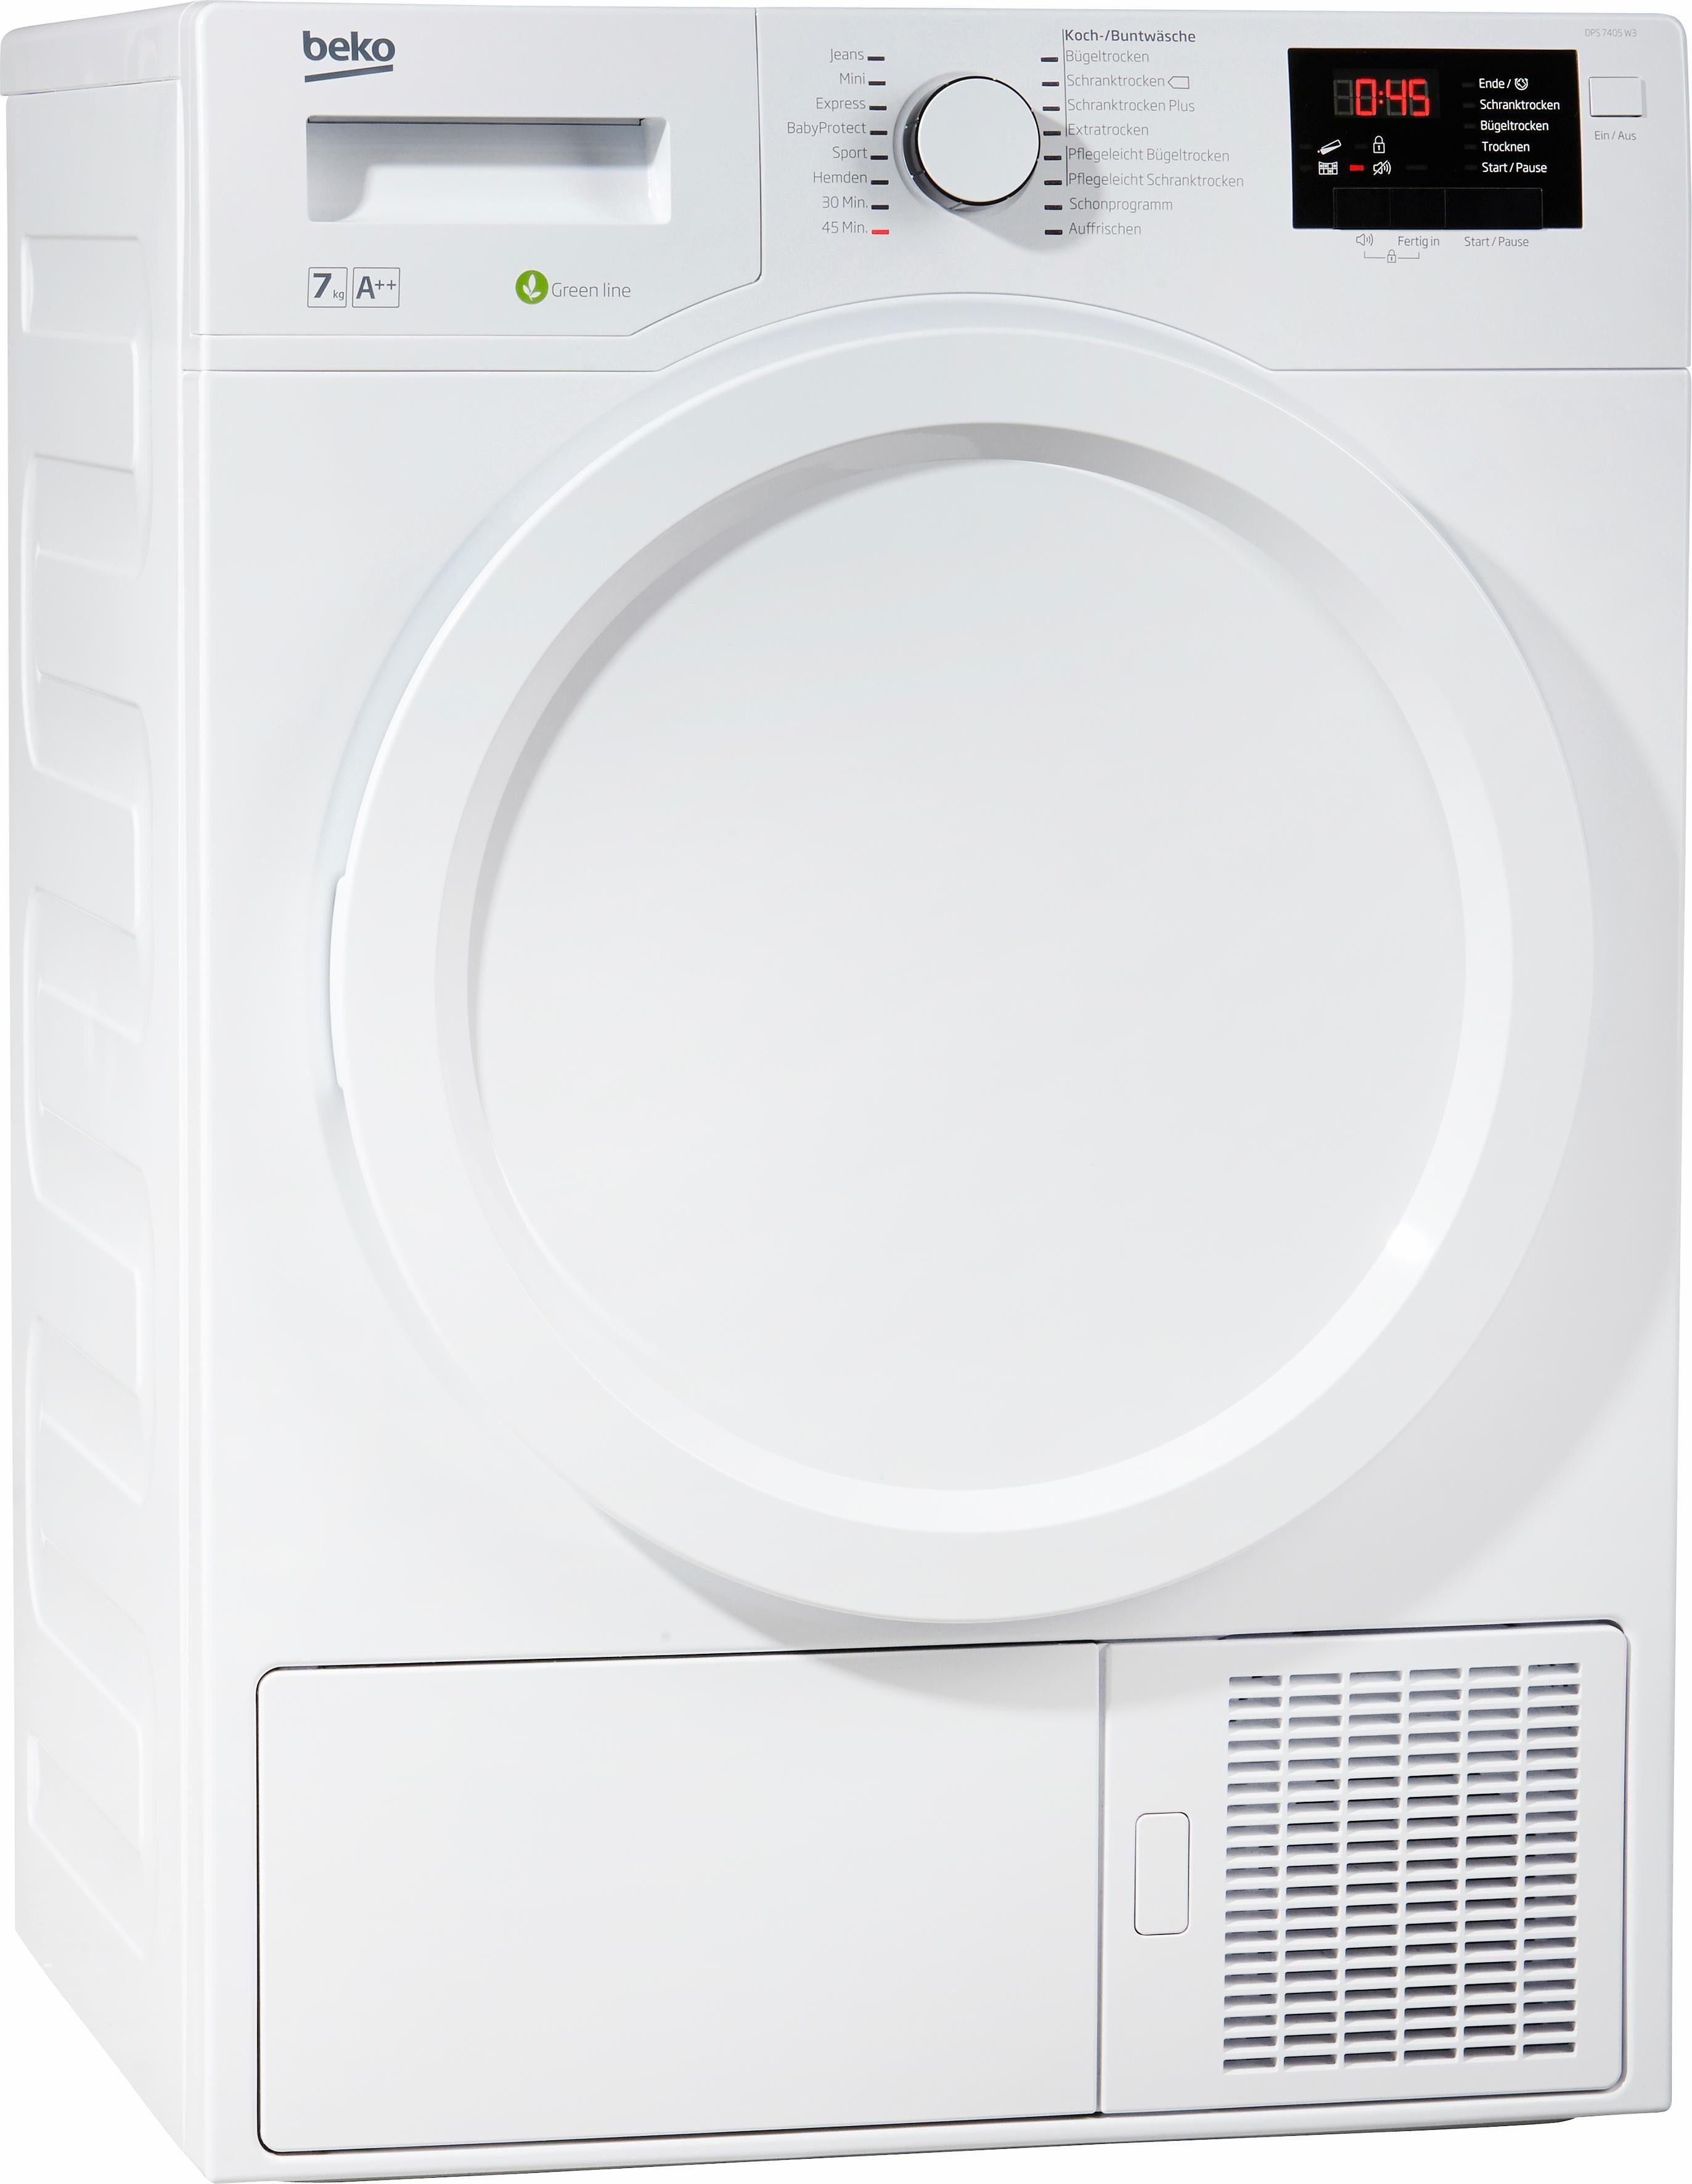 BEKO Wärmepumpentrockner DPS 7405 W3